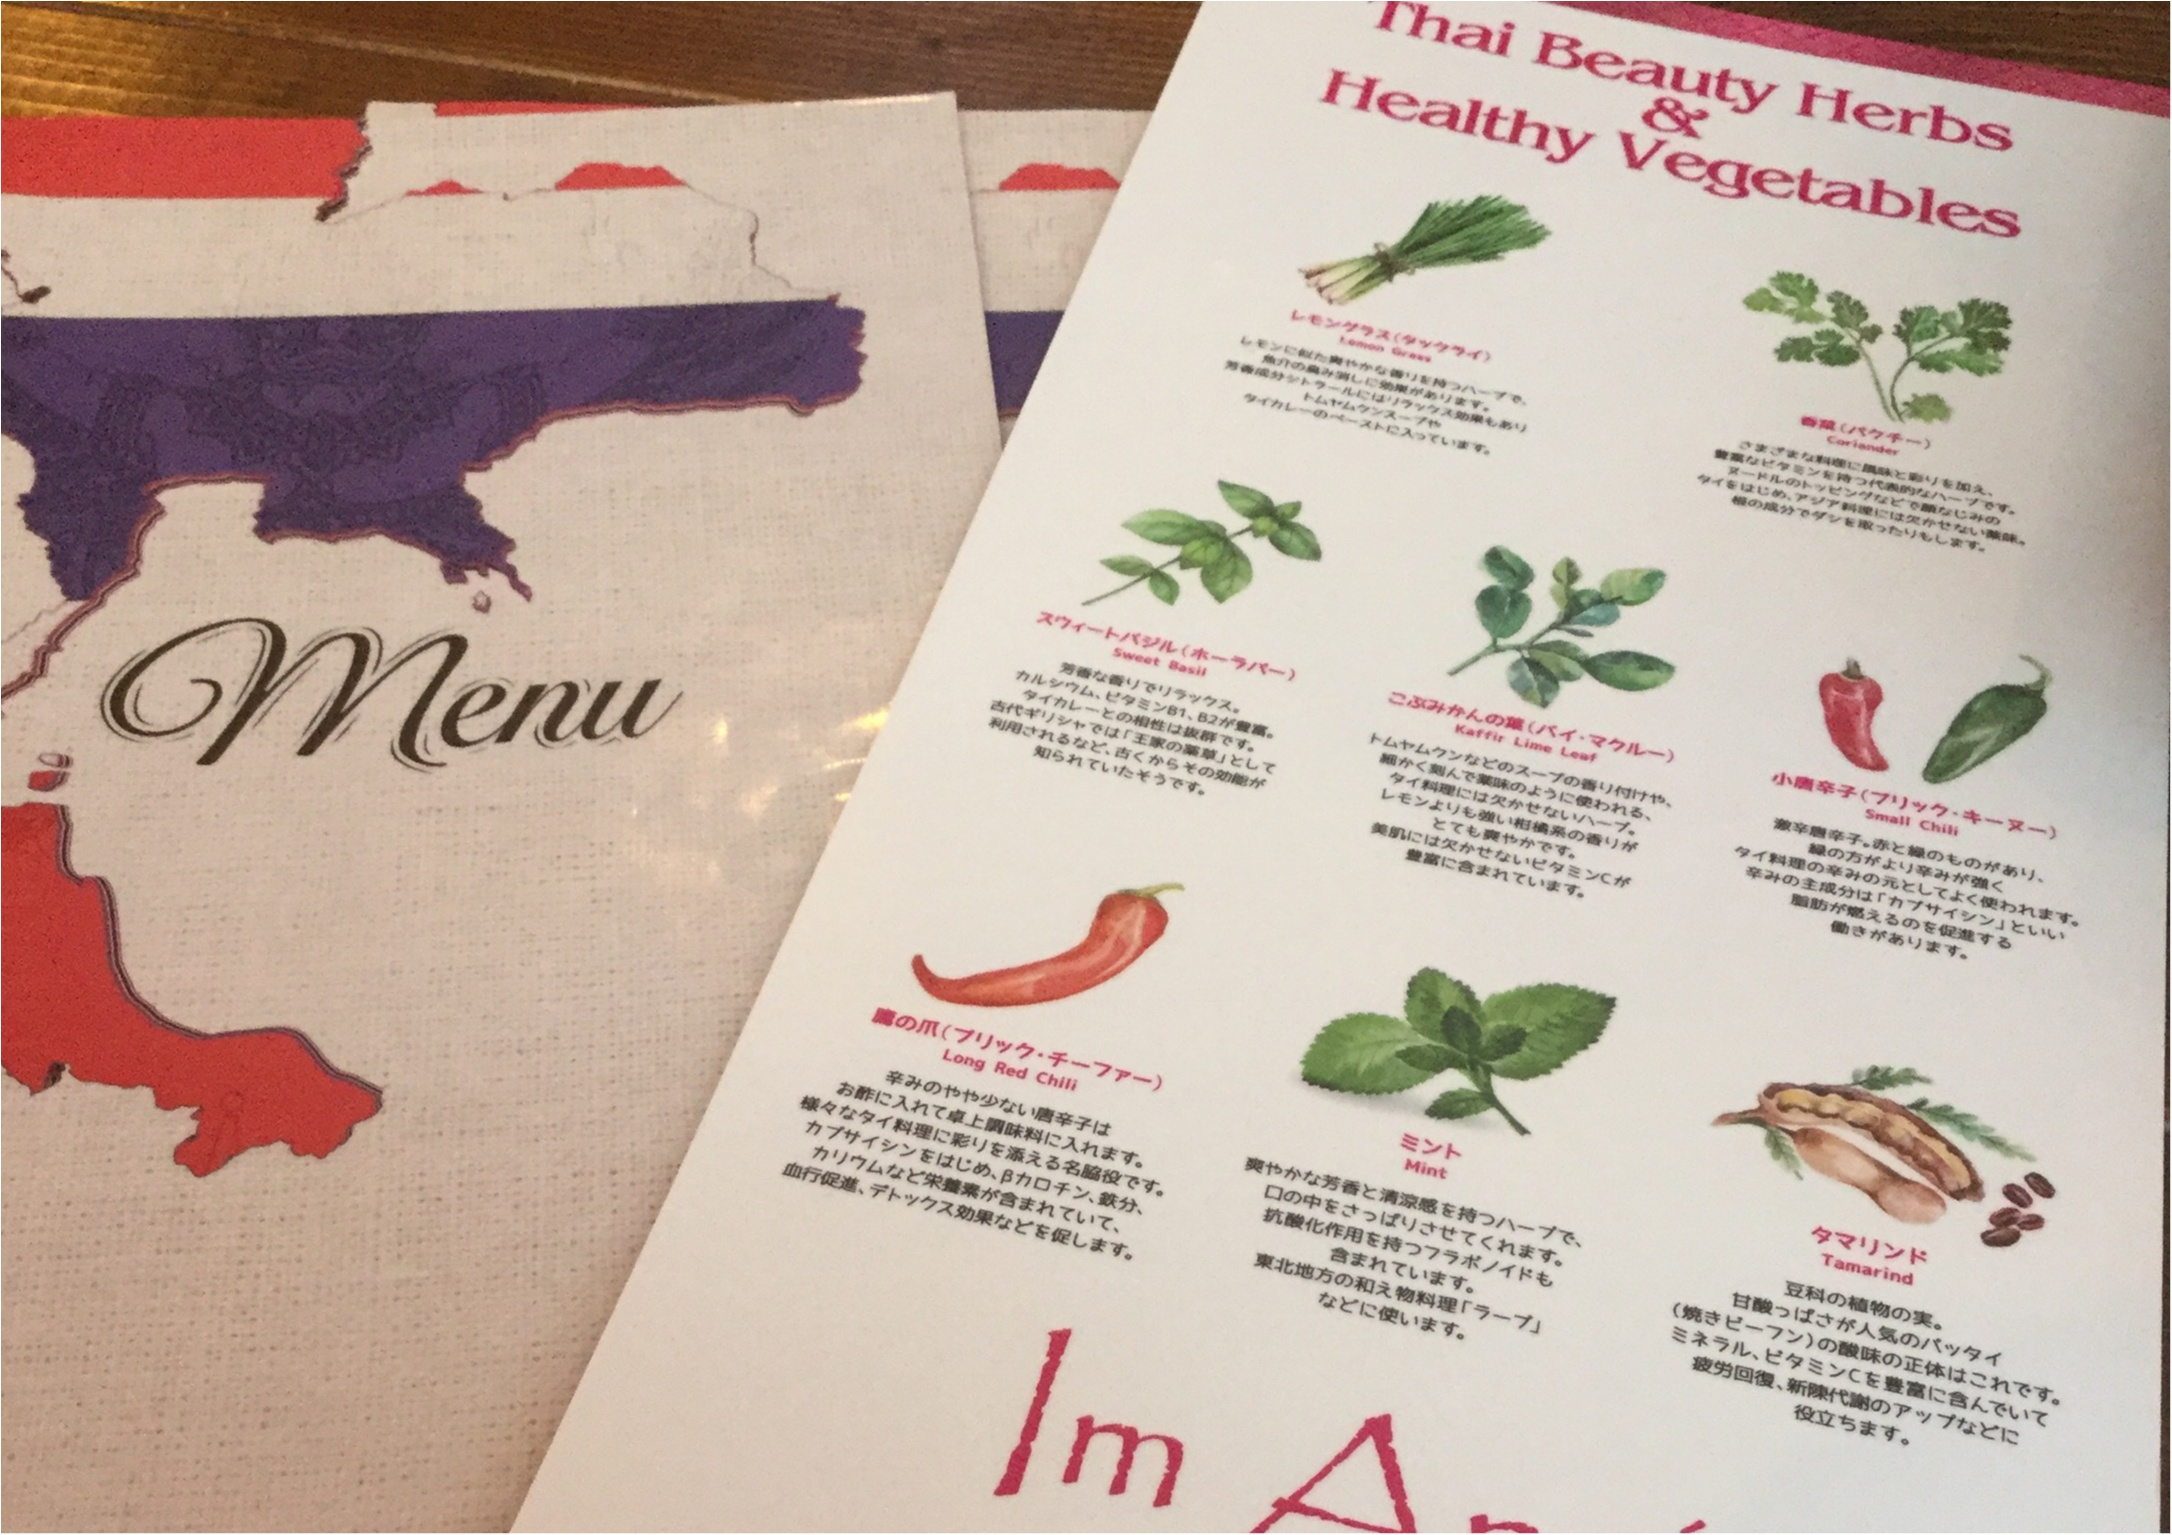 【美容食】ピンクカラーが映えるオシャレな空間のタイ料理専門店!《イム・アロイ》のヘルシーメニューで体の中から綺麗になりませんか❤️_2